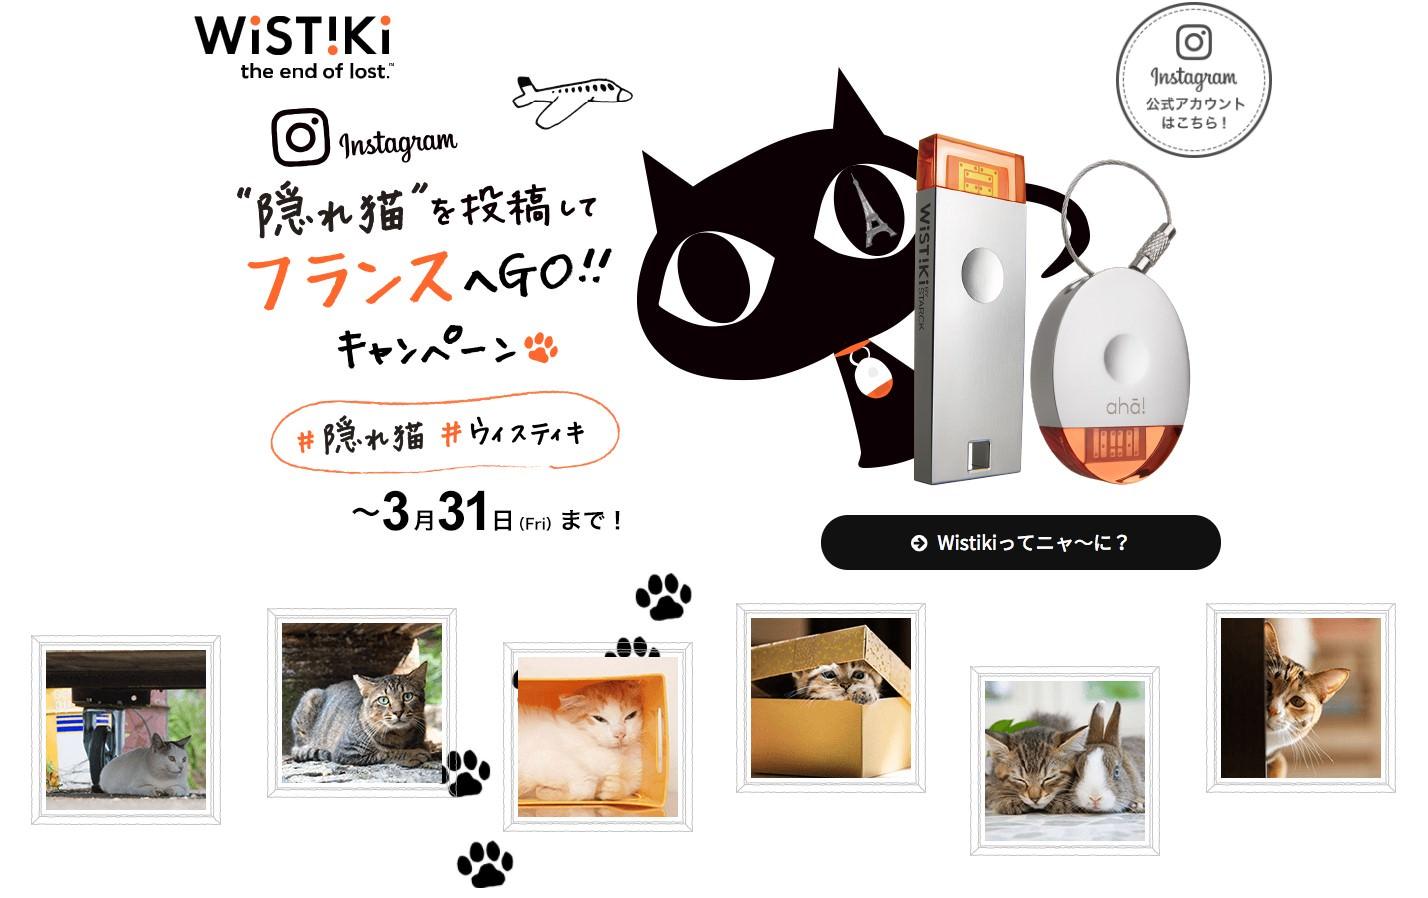 """""""隠れ猫""""を見つけてフランス旅行が当たる!?忘れ物防止タグ""""Wistiki(ウィスティキ)""""日本デビューキャンペーン!"""